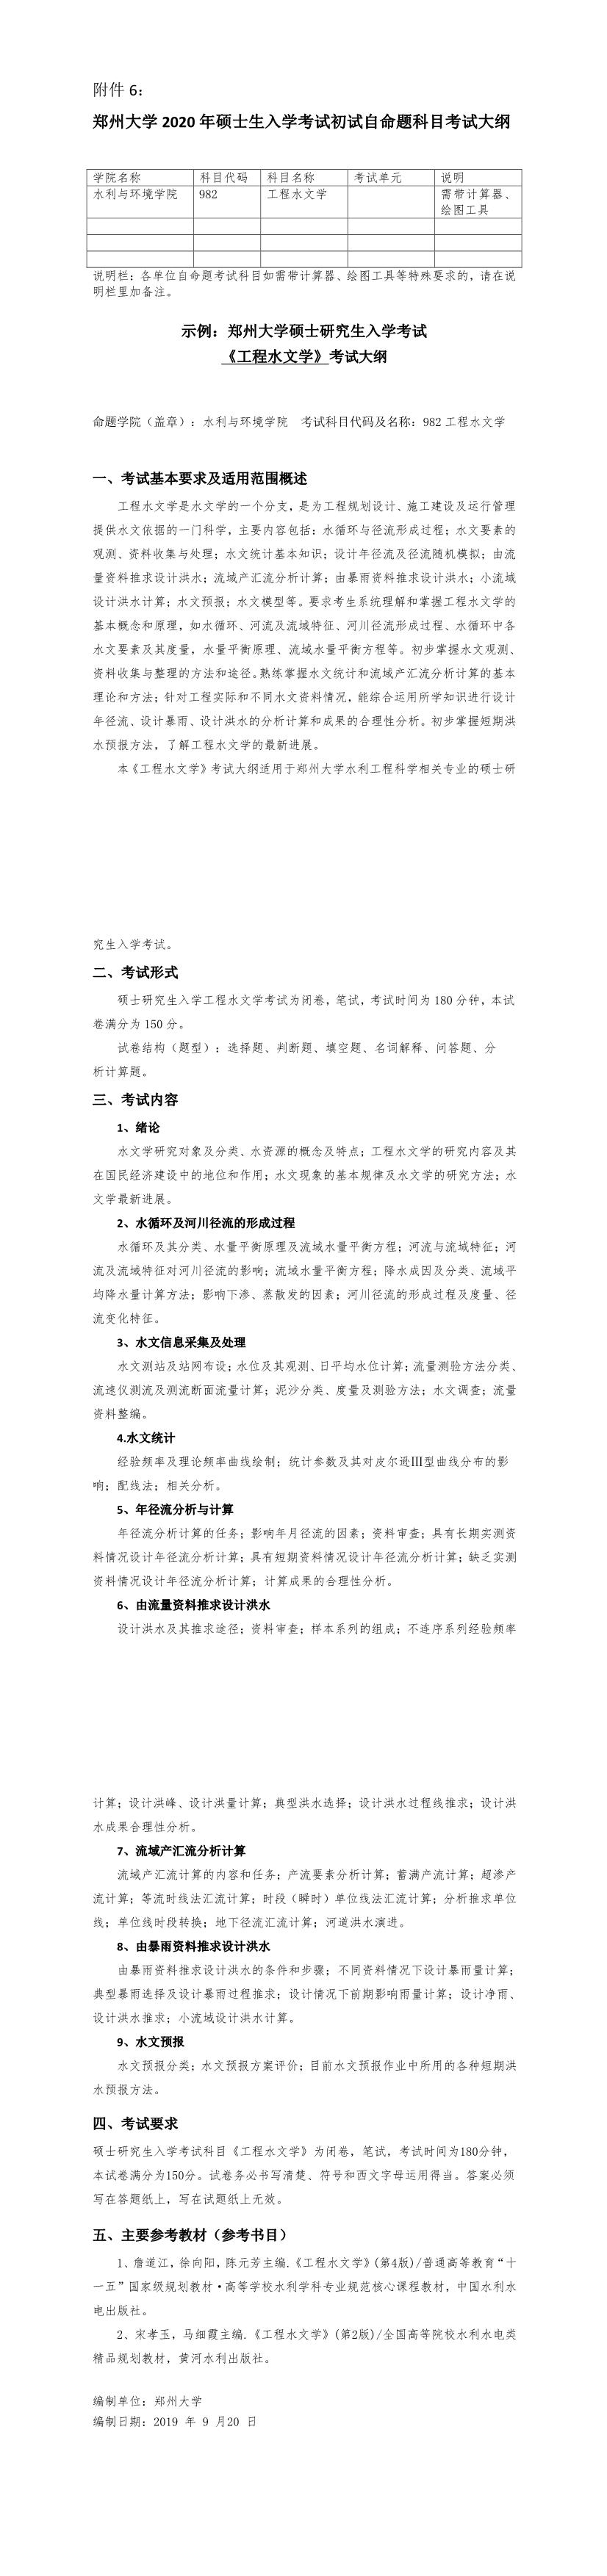 郑州大学2021工程水文学考研大纲(预测)